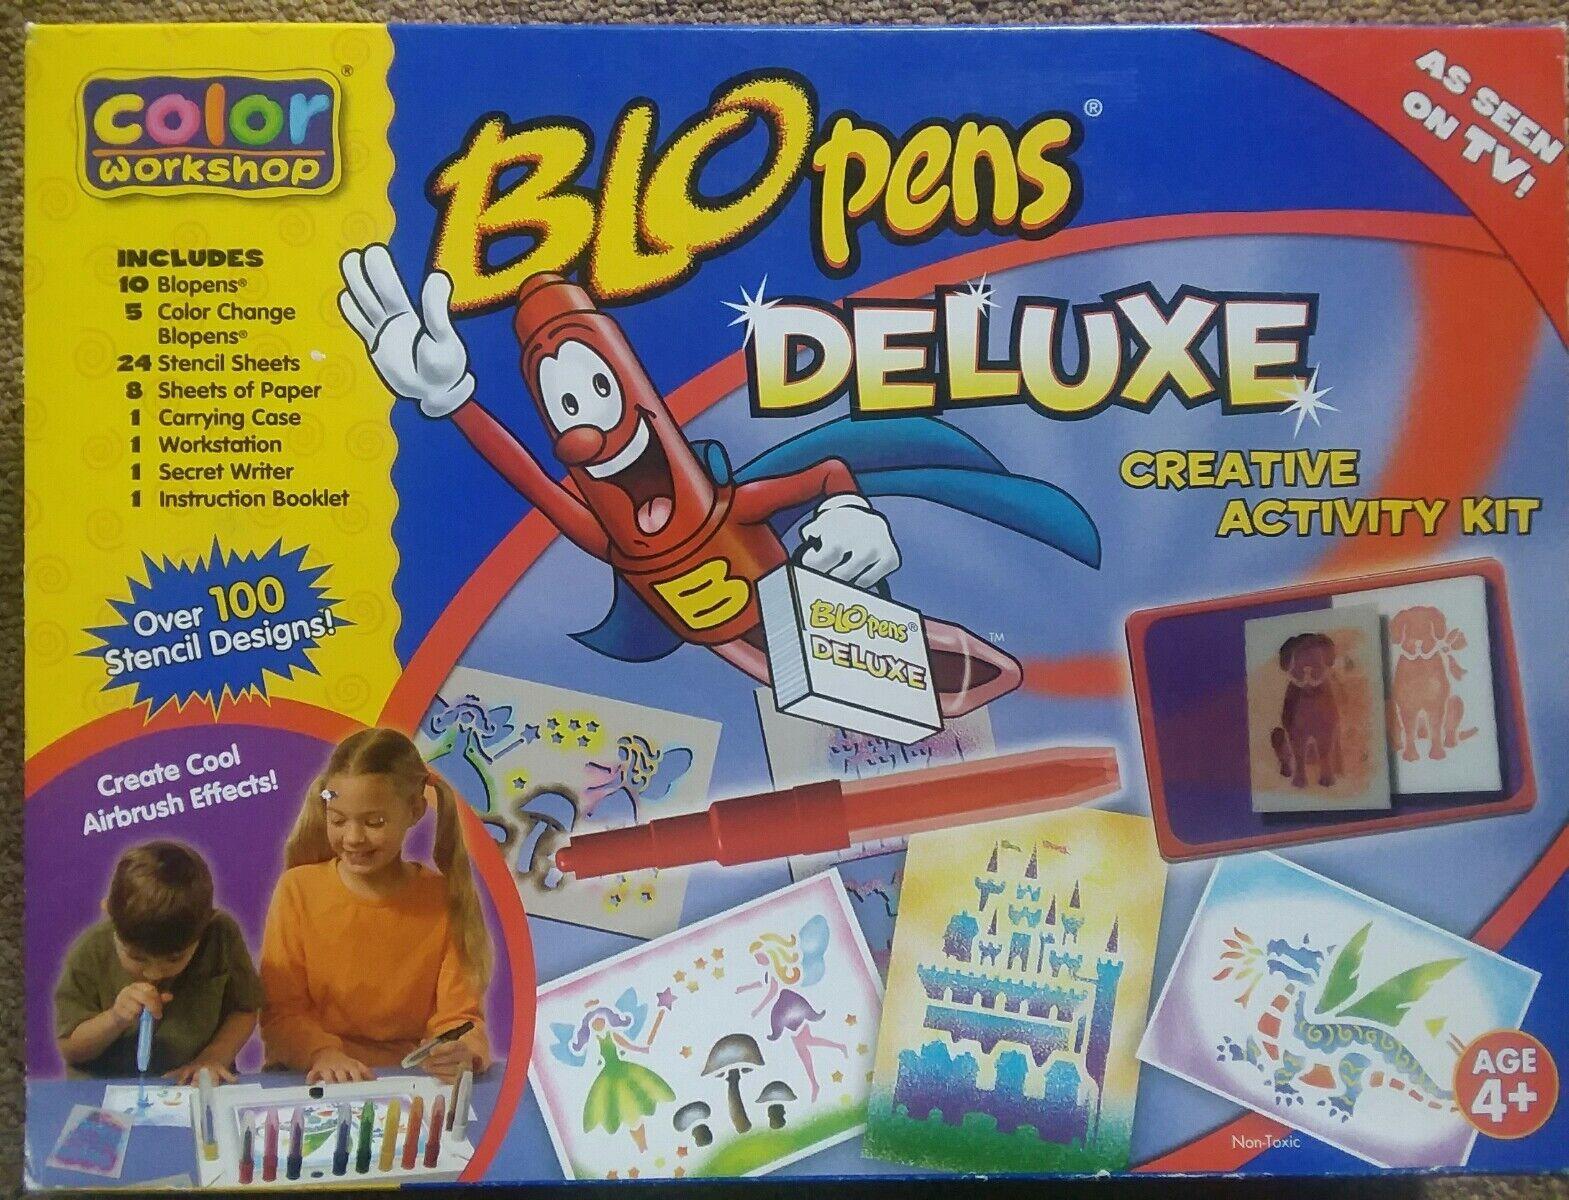 diseños exclusivos En Blo Pens actividad creativa Deluxe Kit Kit Kit Aerografo efectos 100+ stensil Designs  promociones de descuento